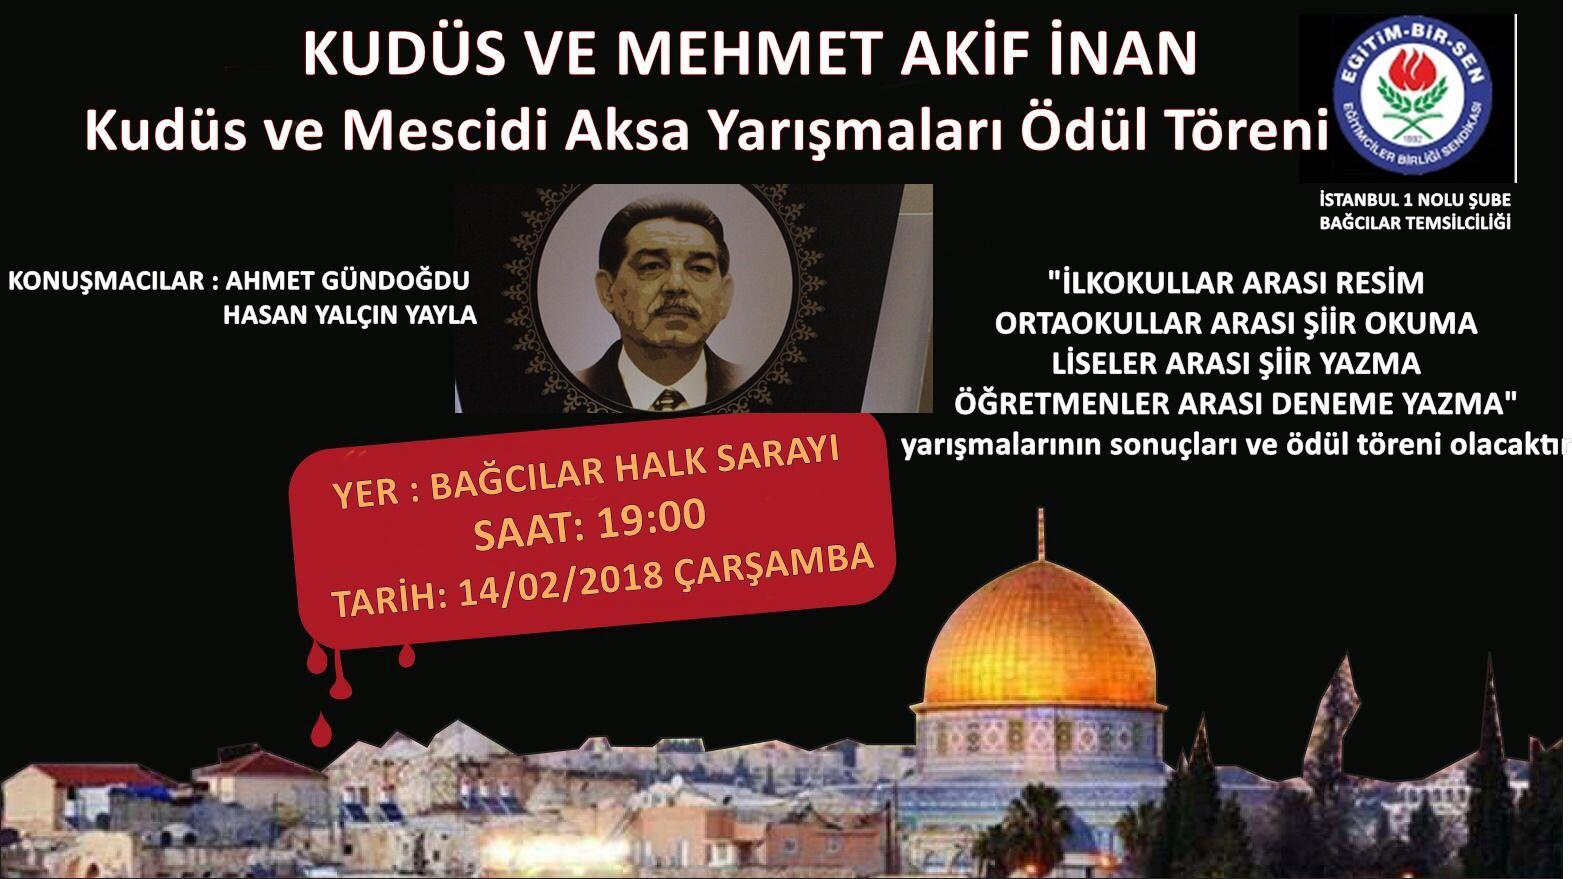 Kudüs ve Mehmet Akif İnan Ödülleri Sahiplerini Buluyor